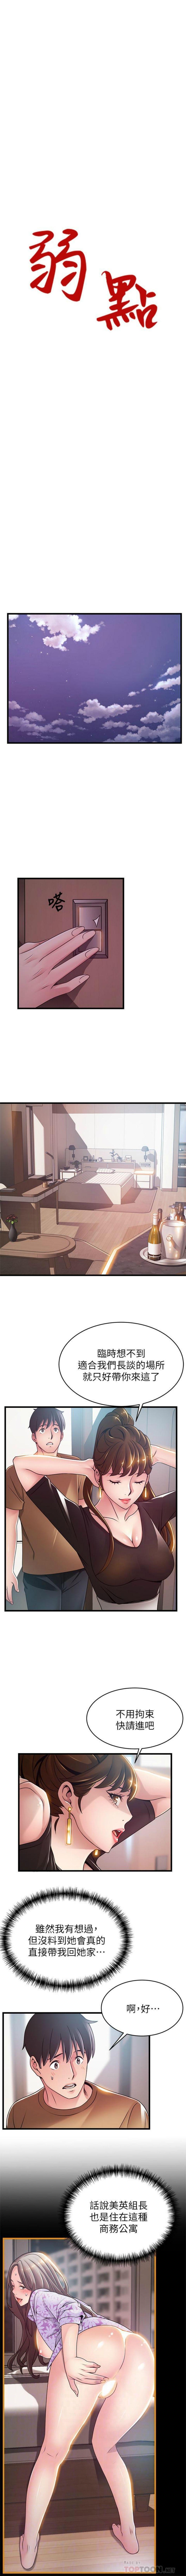 弱點 1-101 官方中文(連載中) 641